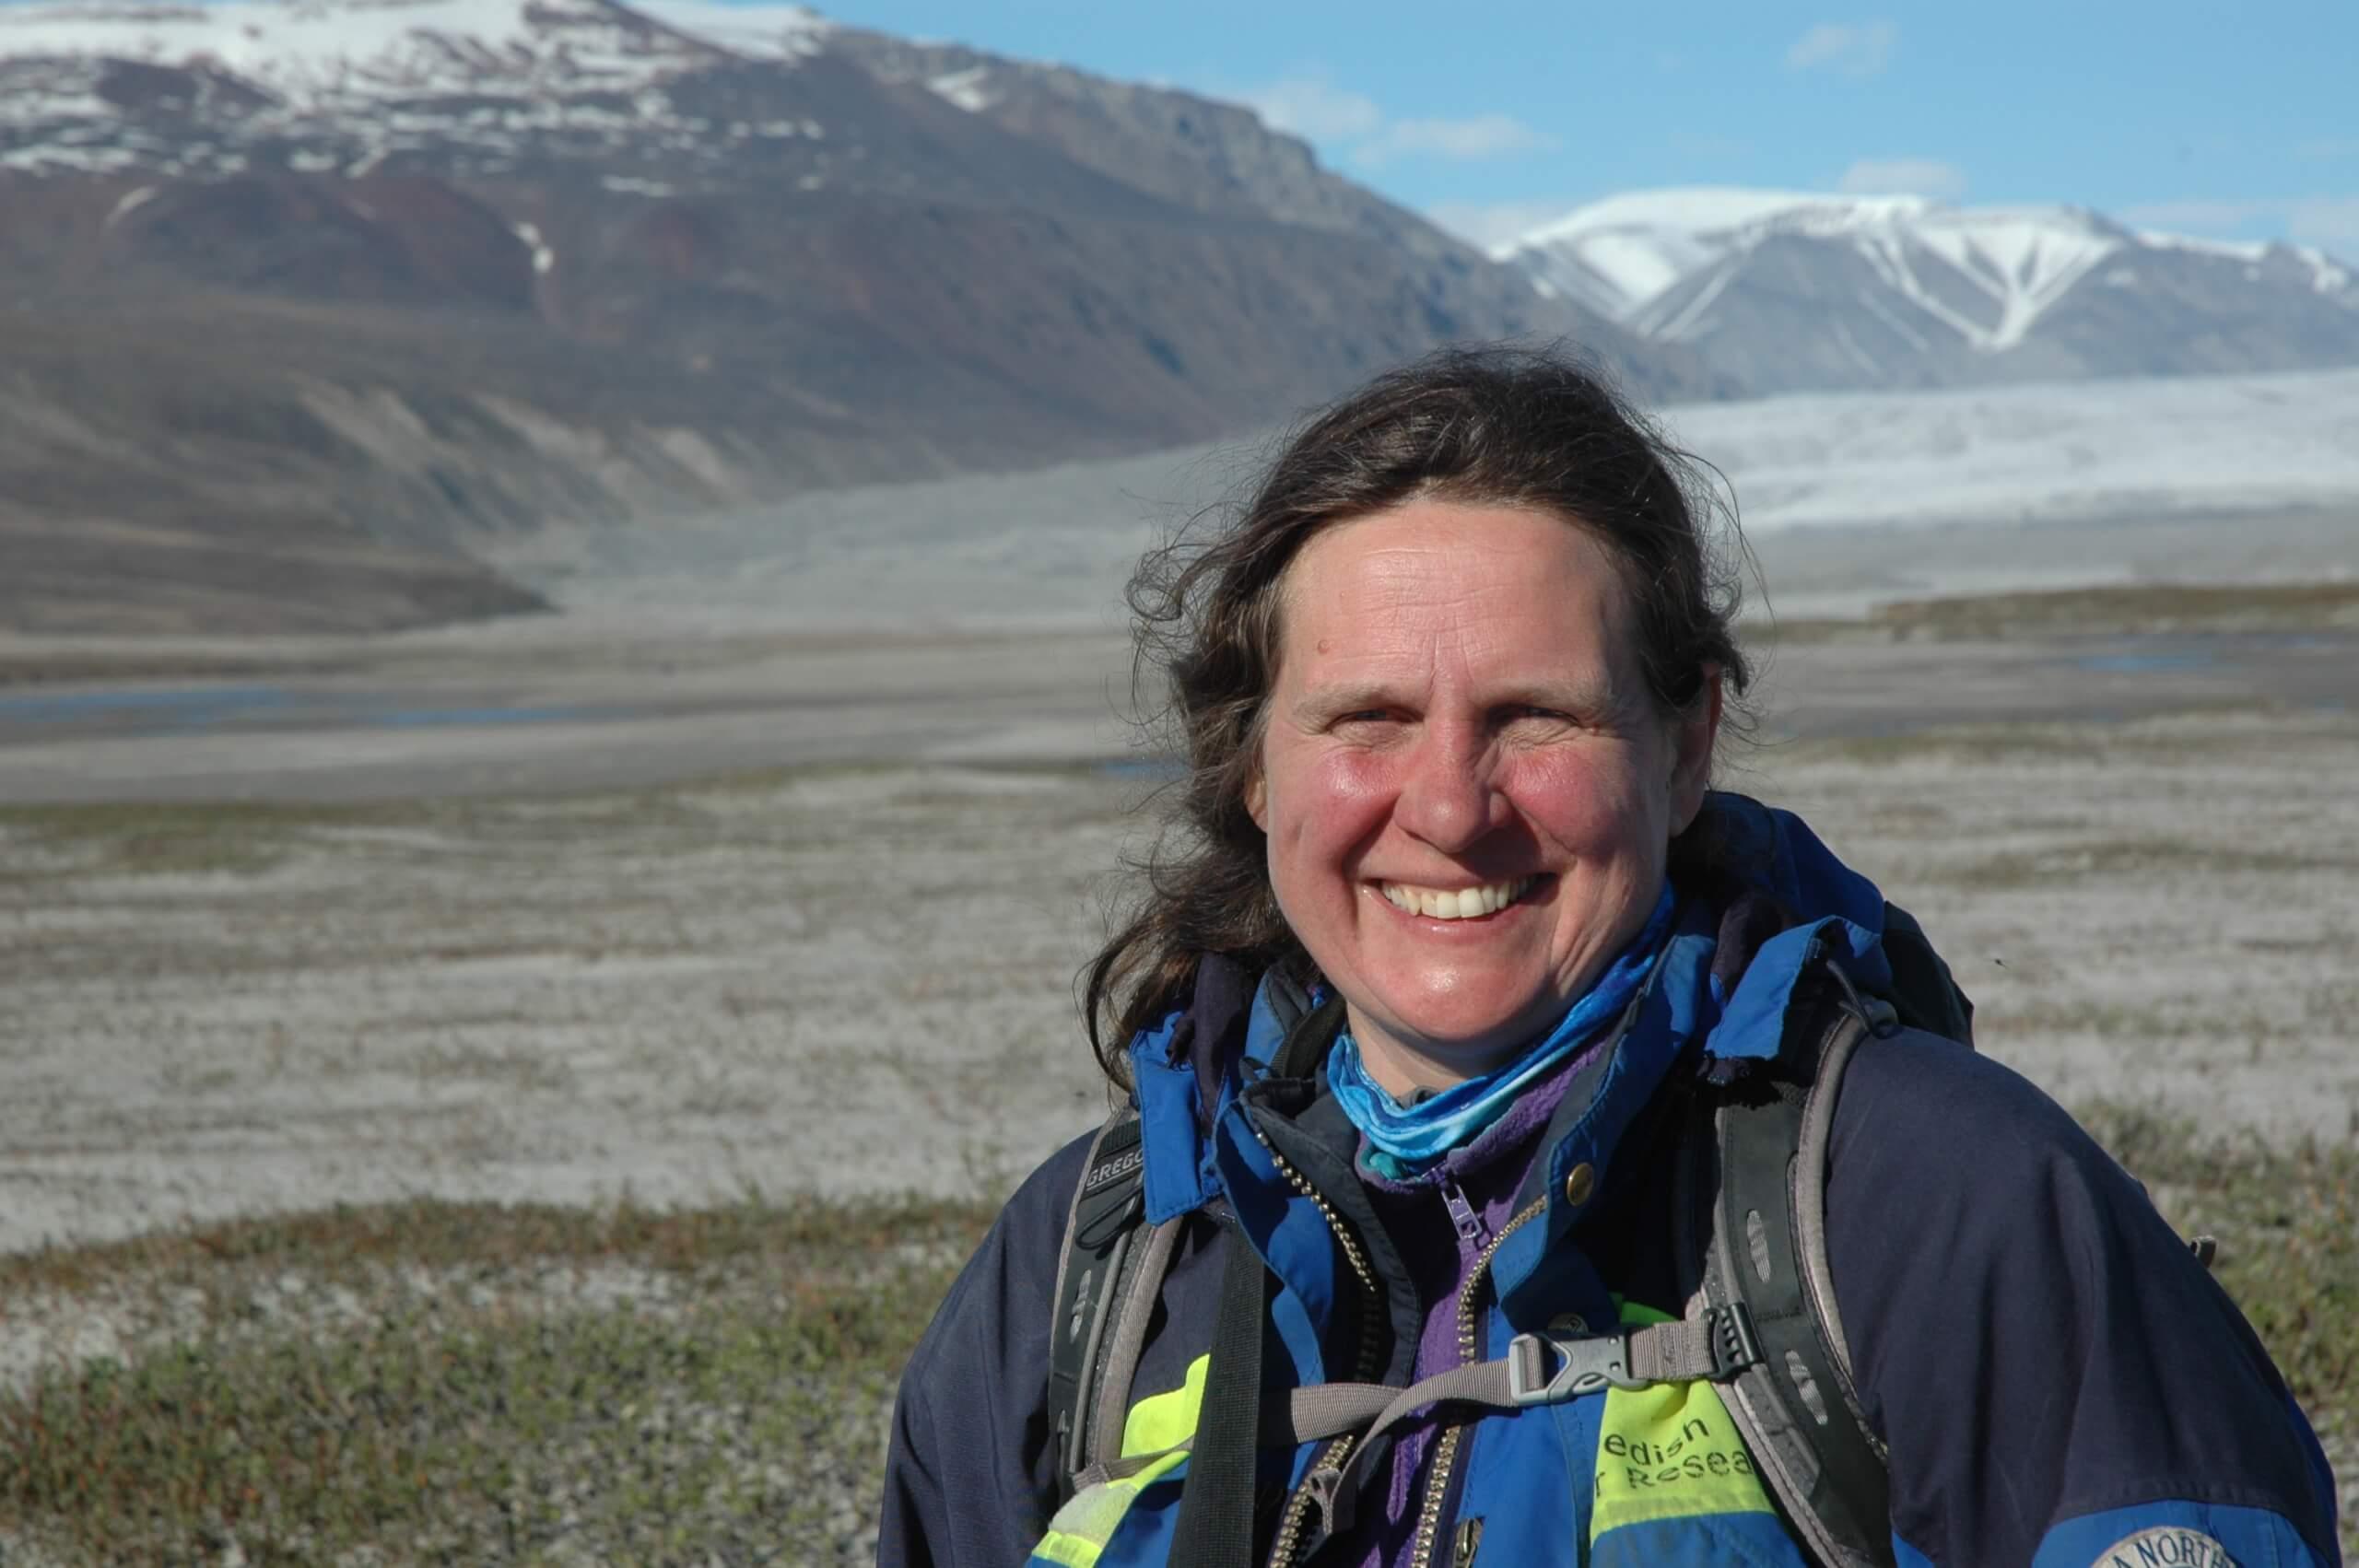 La professeure Esther Lévesque (sciences de l'environnement, UQTR) est photographiée ici dans le parc national Sirmilik (Haut-Arctique), sur les bords de la rivière glaciaire de la vallée Qarlikturvik (île Bylot, Nunavut).